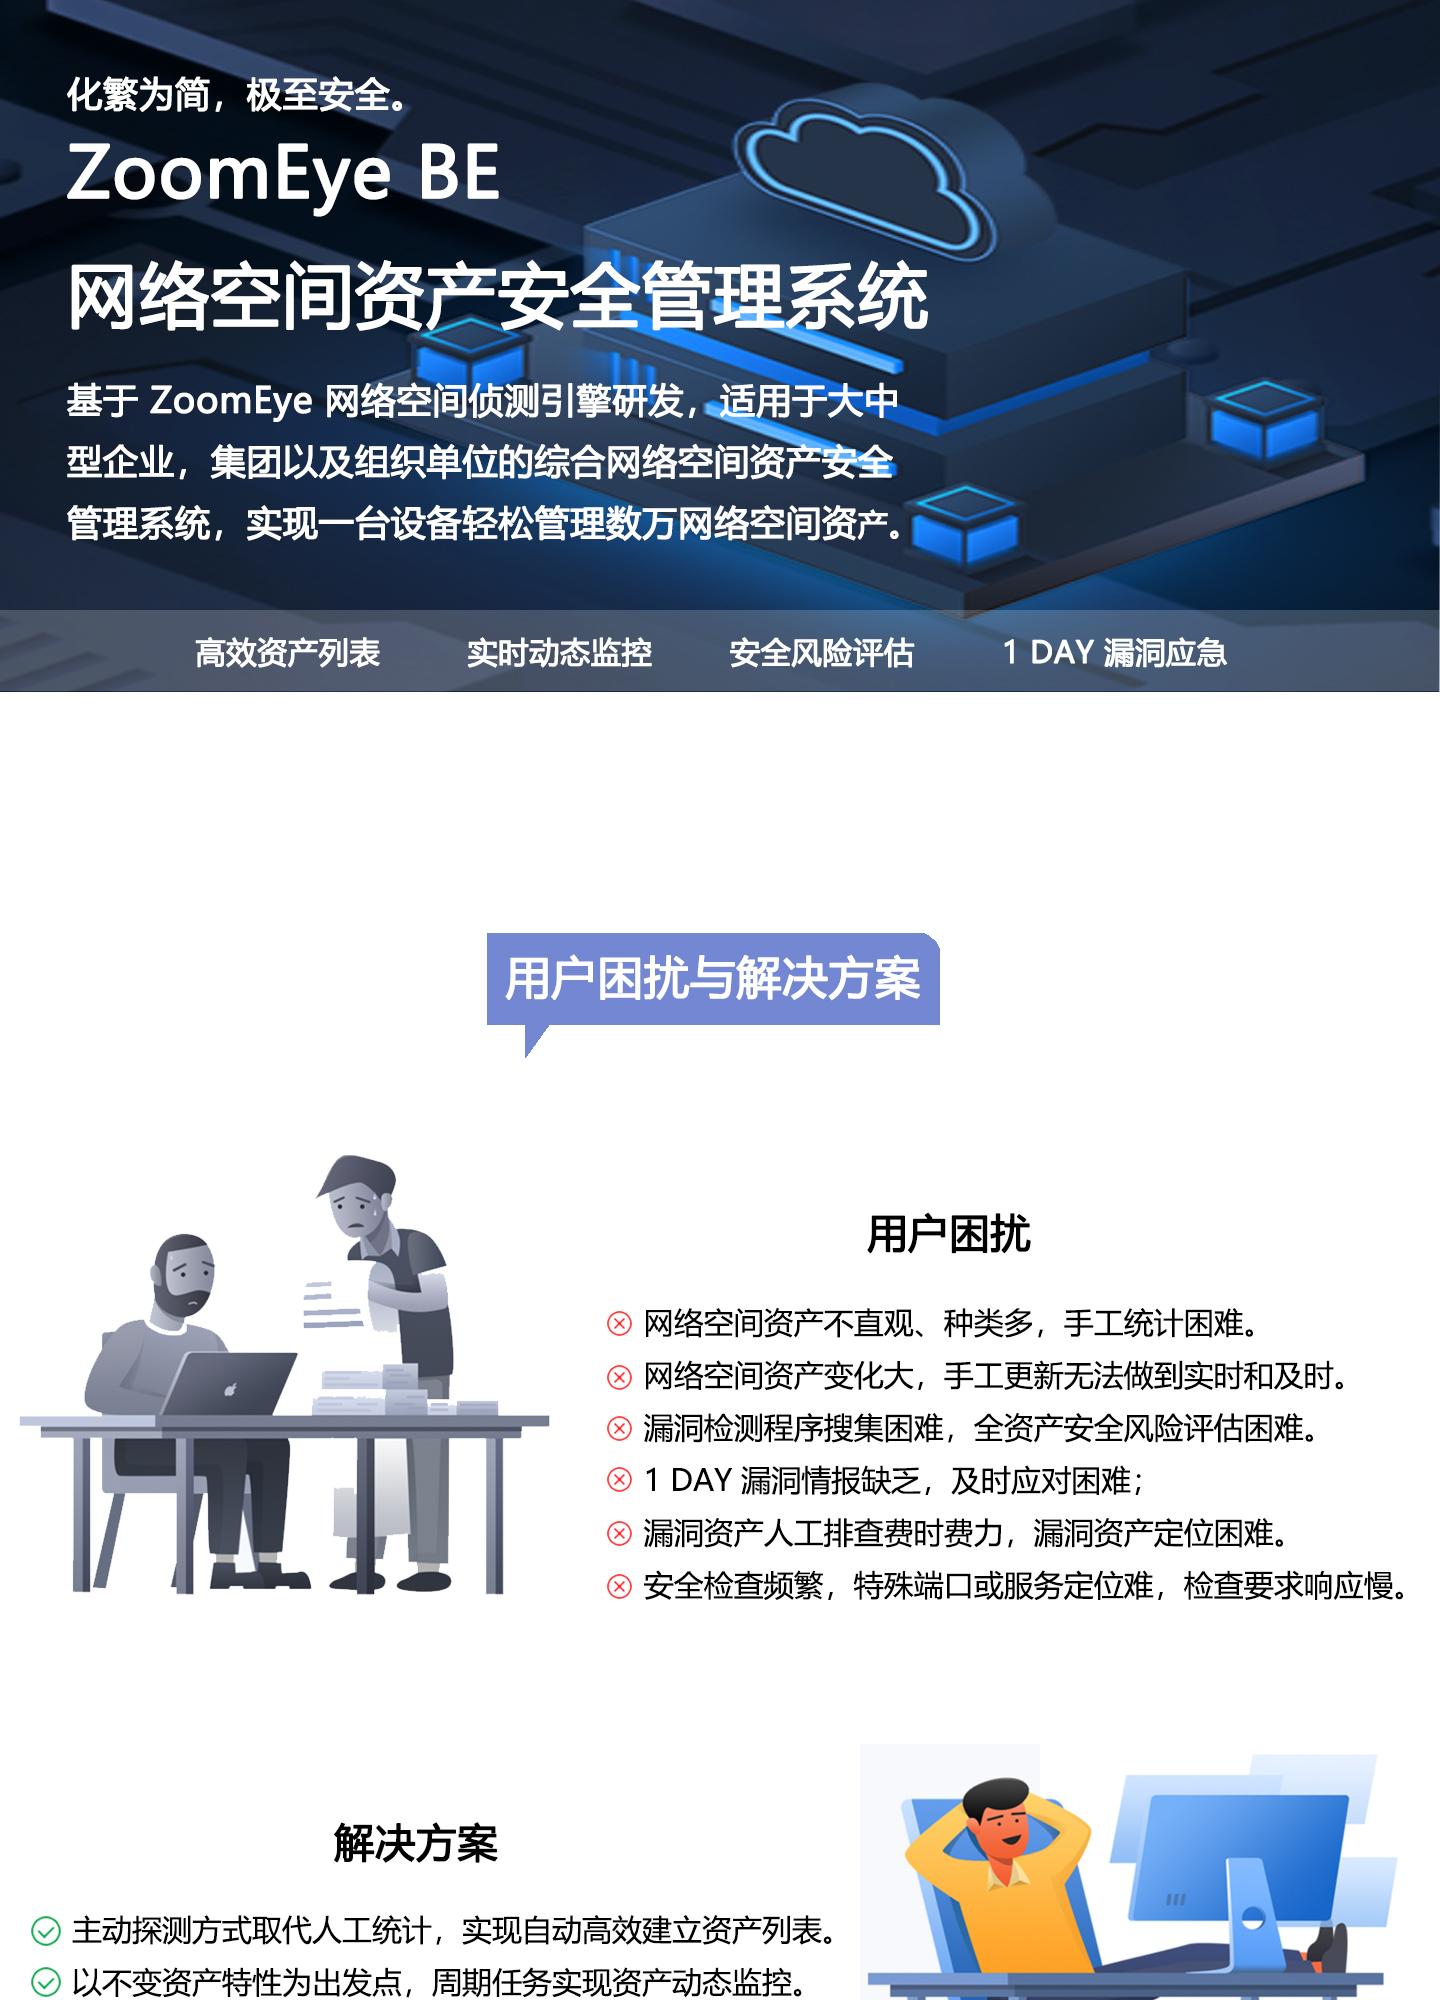 ZoomEye-BE-网络空间资产安全管理系统1440_01.jpg